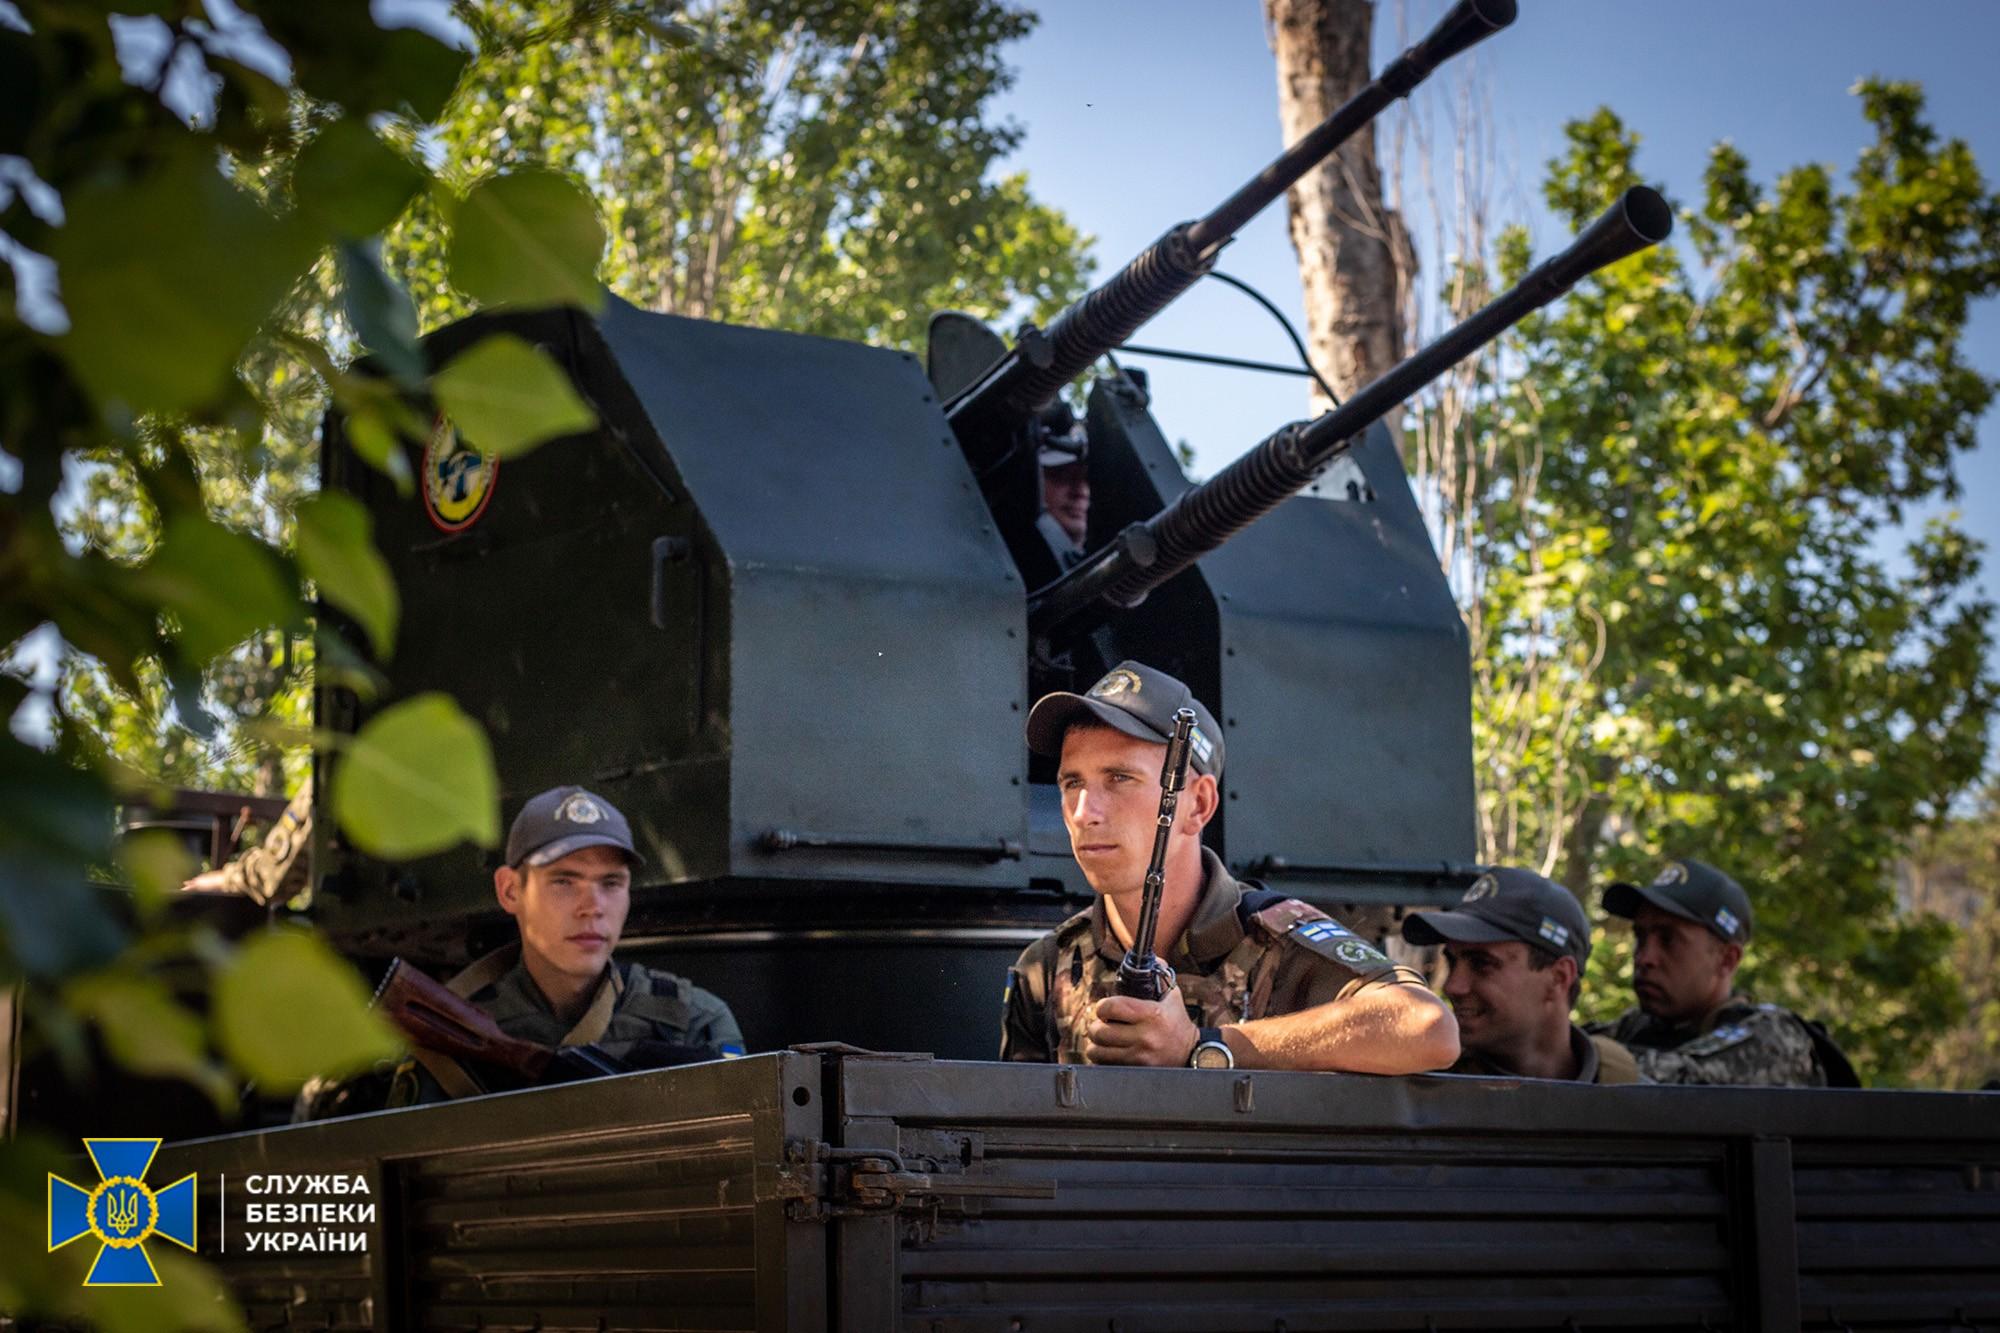 Умовних диверсантів затримали: як проходили антитерористичні навчання на Миколаївщині